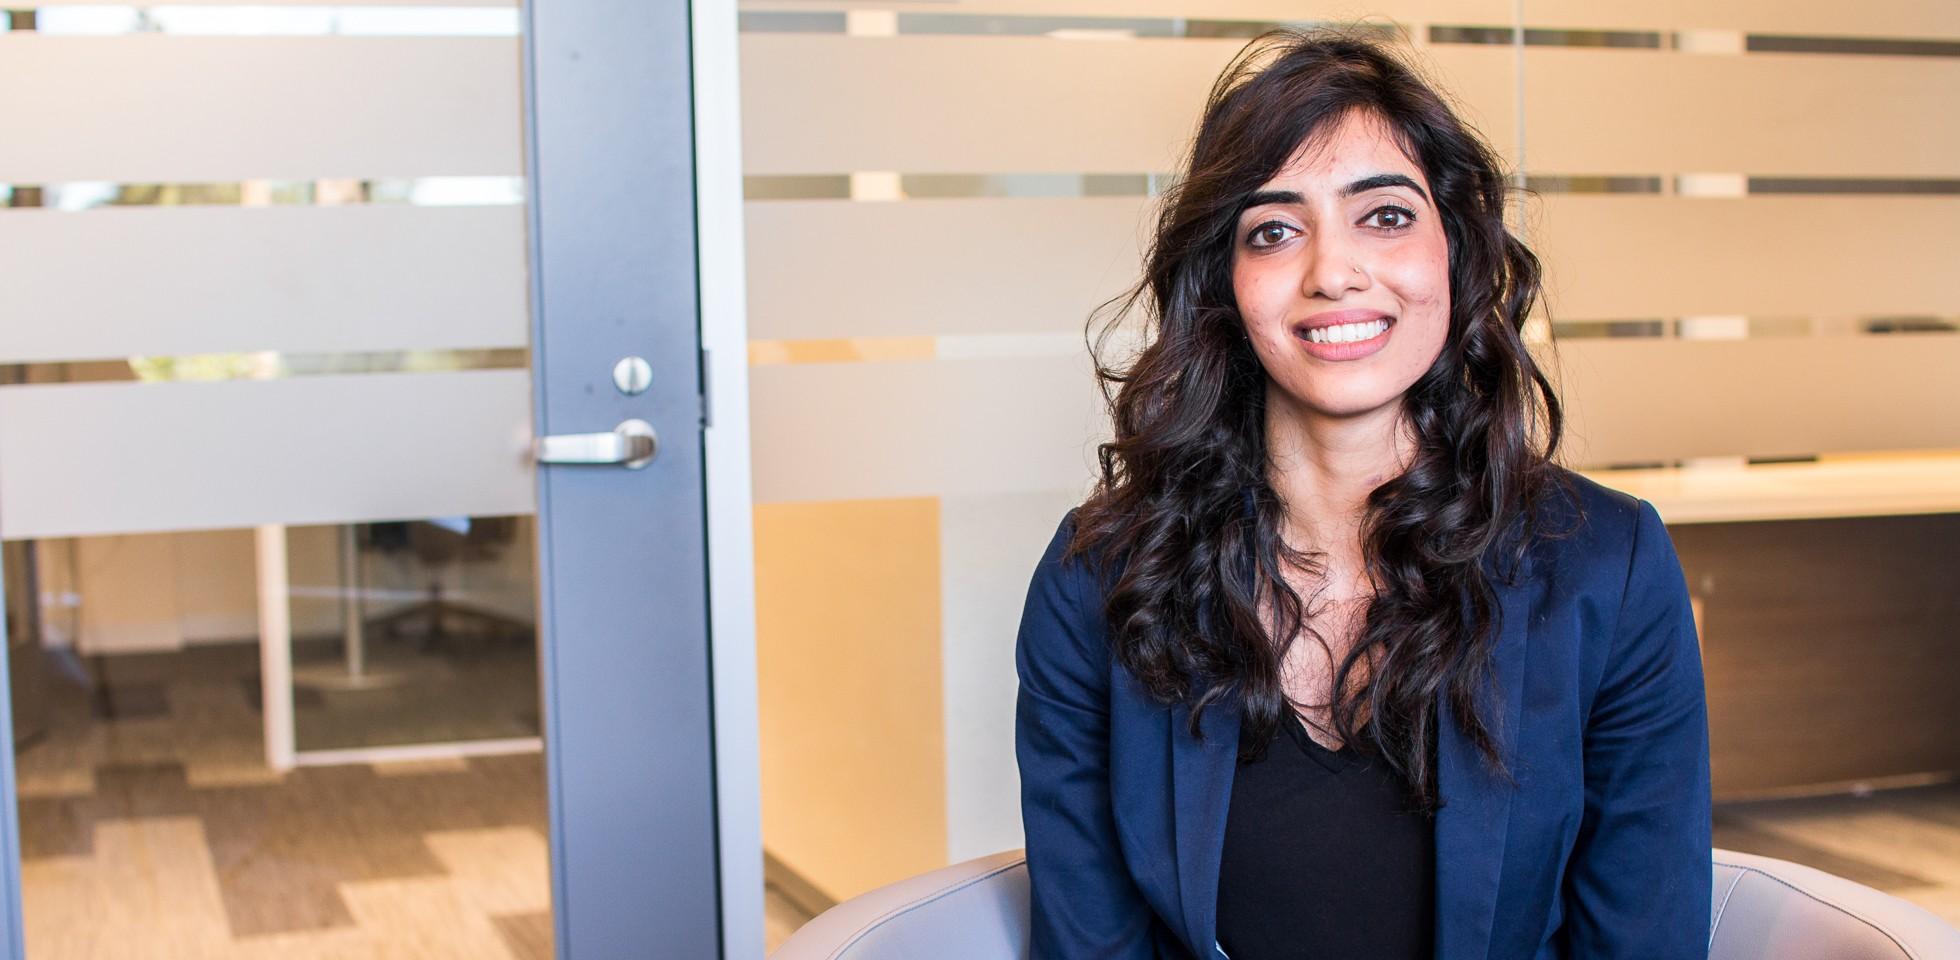 Sharlini Ganeshamoorthy, Senior Quality Engineer - Baylis Medical Careers